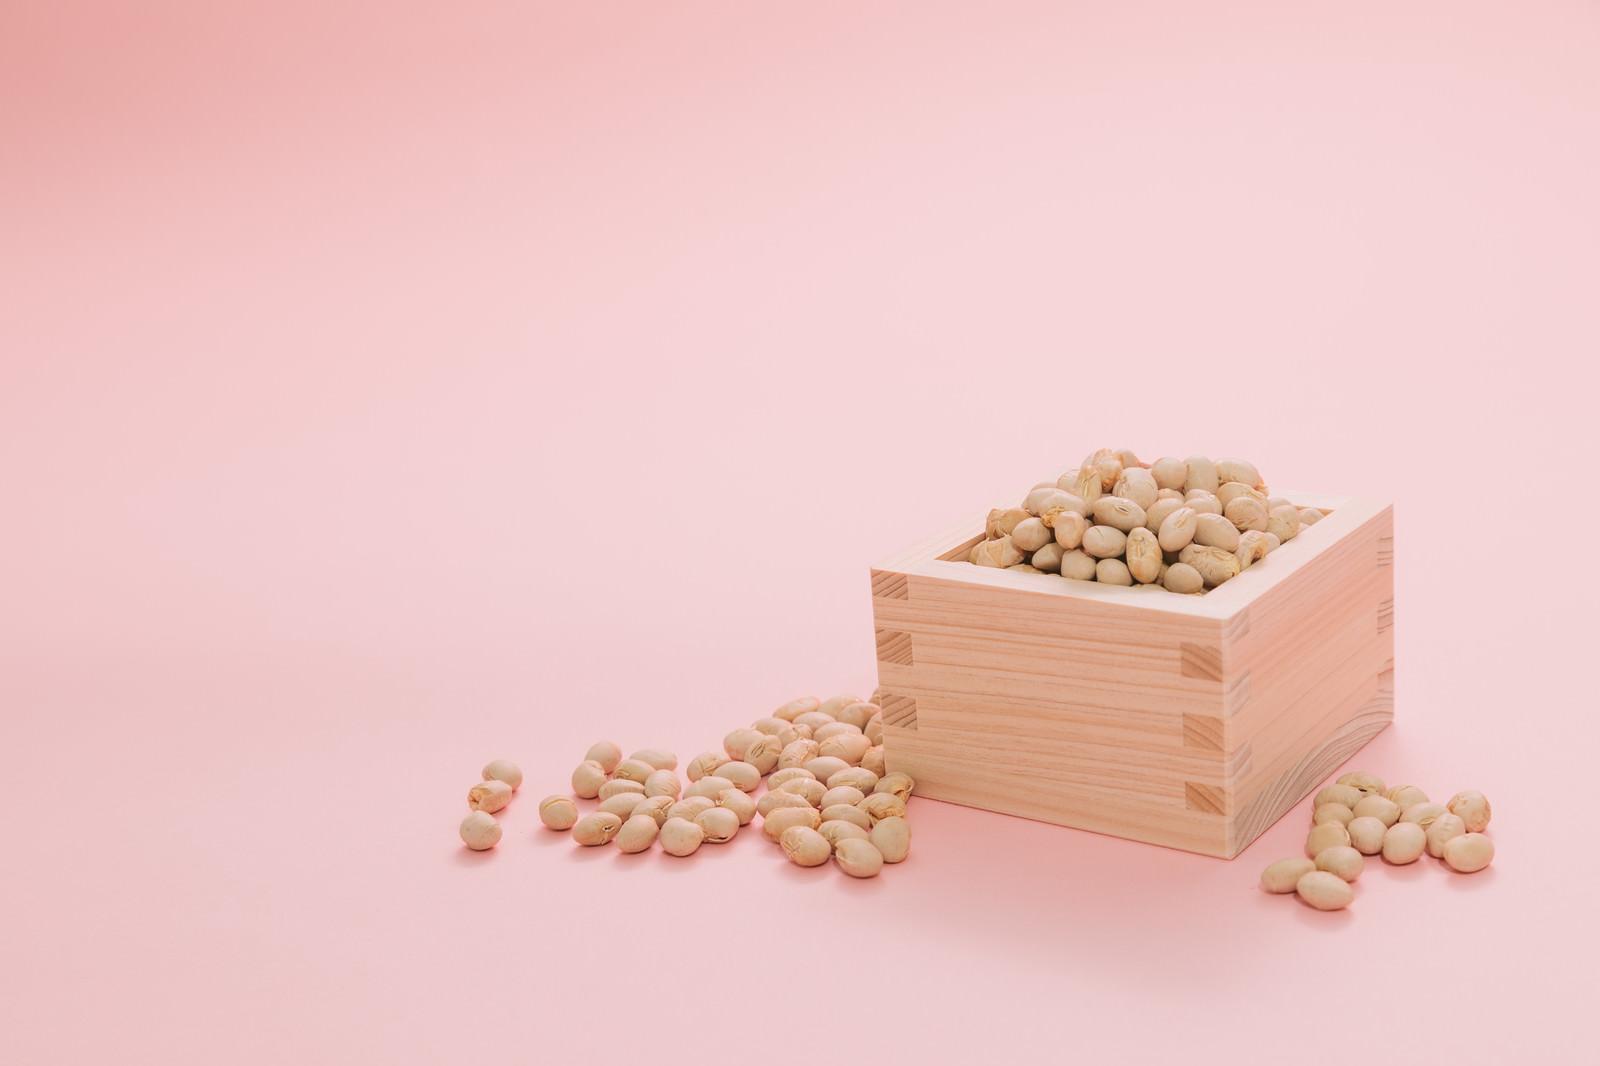 「節分用の大豆」の写真